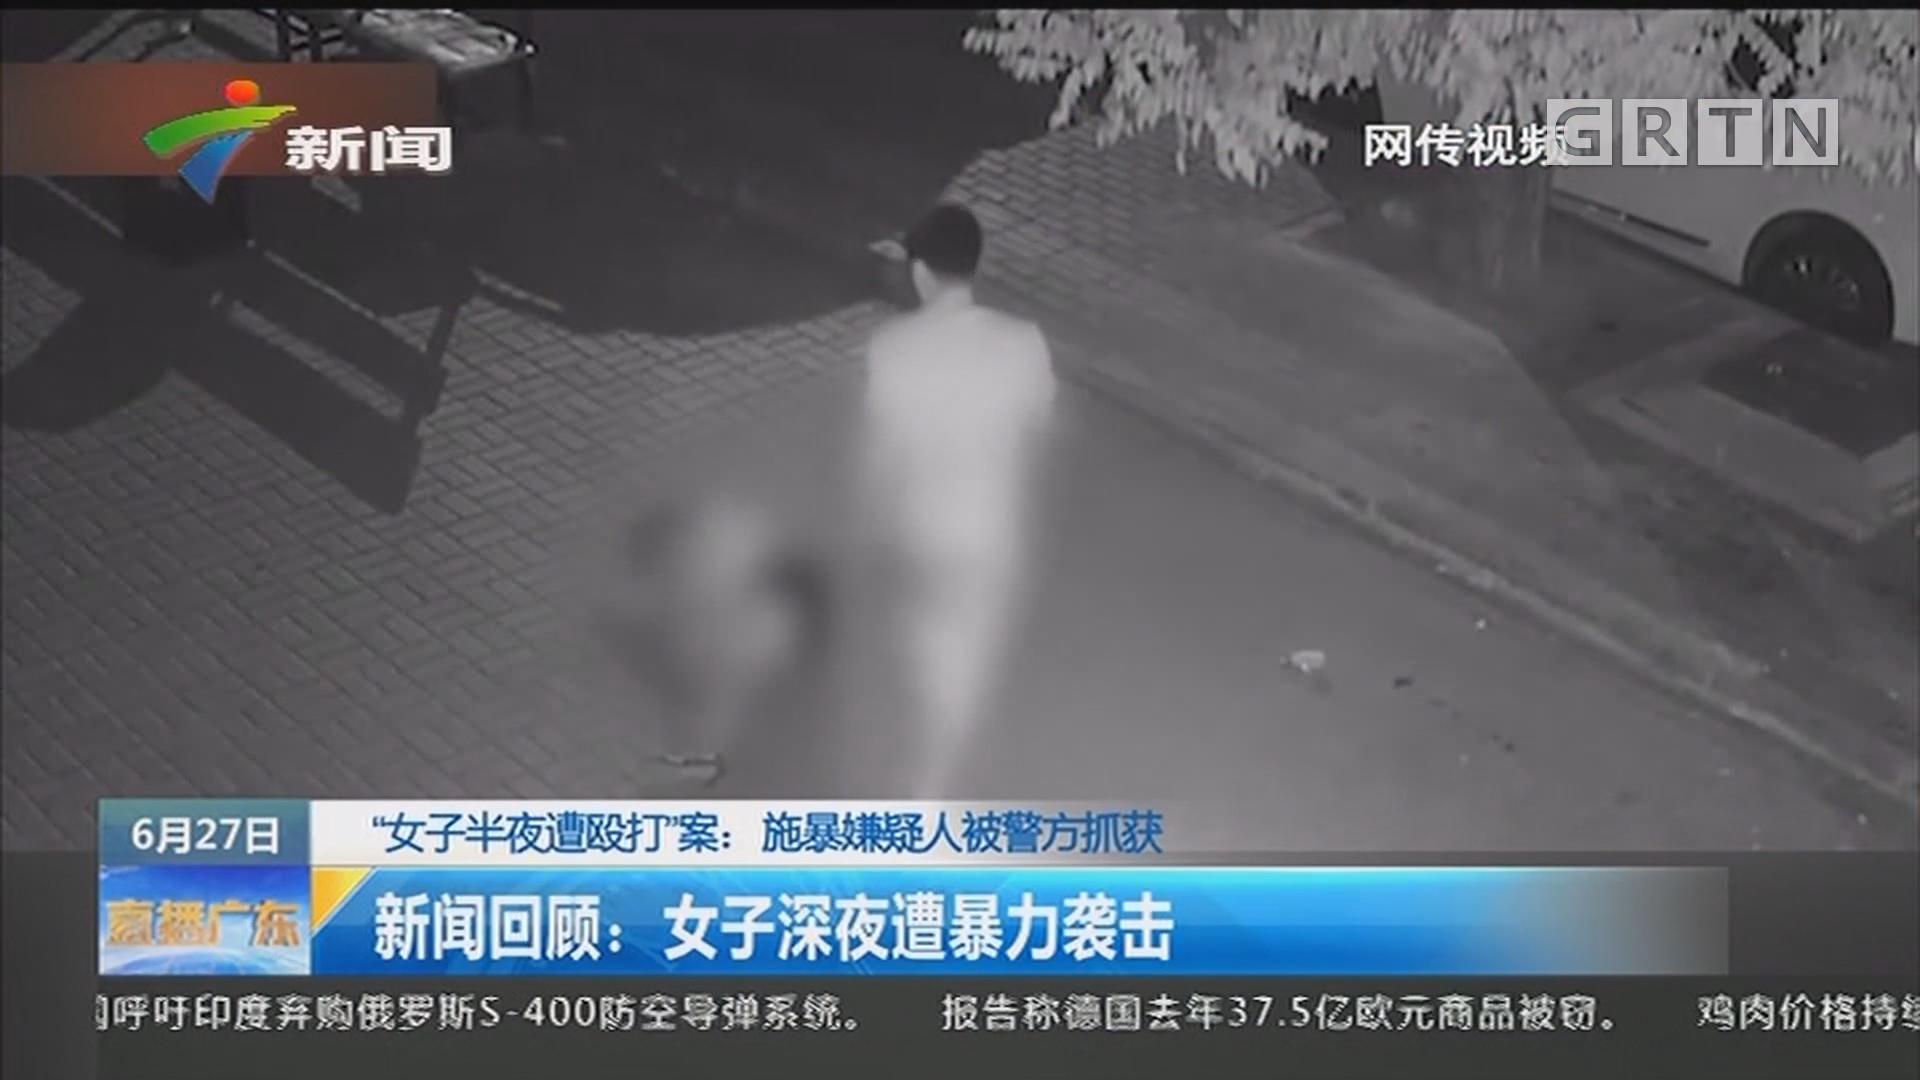 """""""女子半夜遭殴打""""案:施暴嫌疑人被警方抓获 新闻回顾:女子深夜遭暴力袭击"""